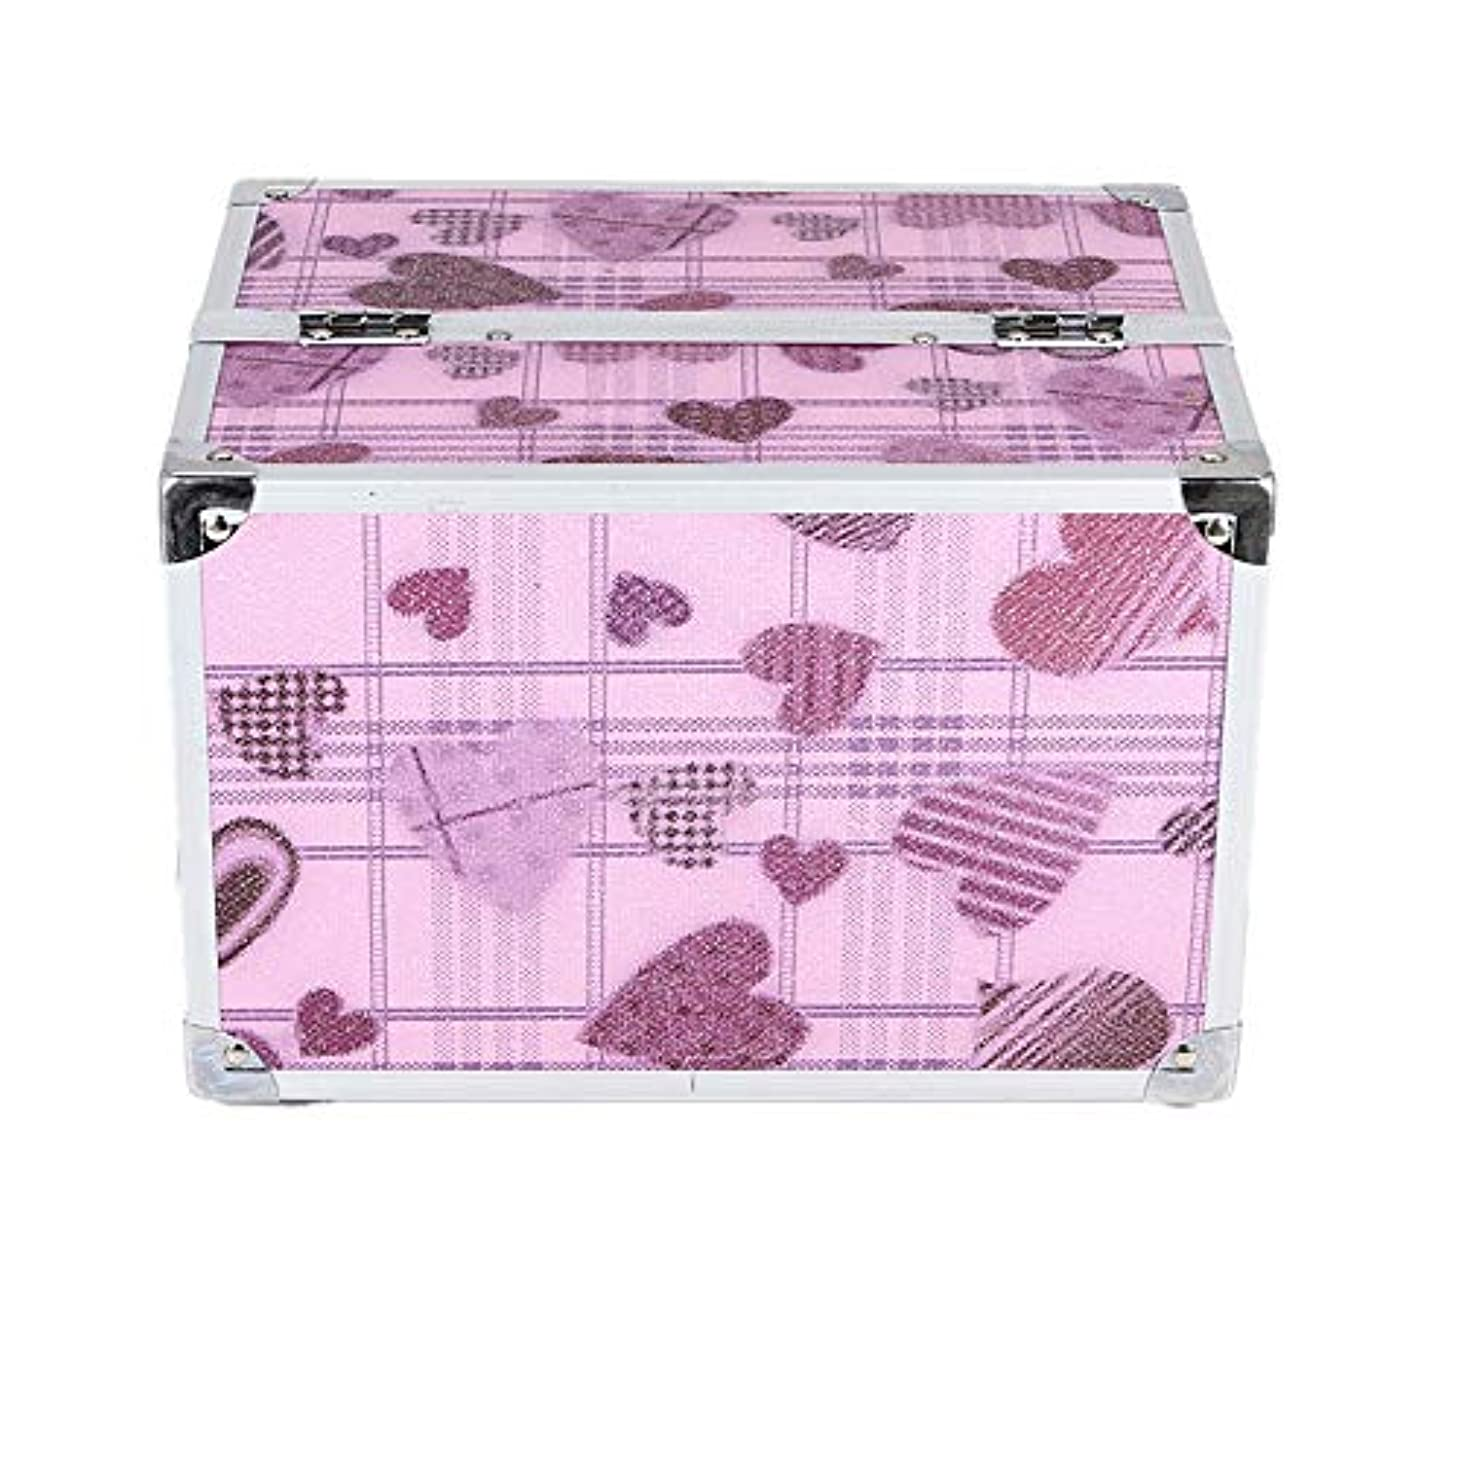 損なう望む美徳化粧オーガナイザーバッグ かわいいハートパターントラベルアクセサリーのためのポータブル化粧ケースシャンプーボディウォッシュパーソナルアイテム収納トレイ 化粧品ケース